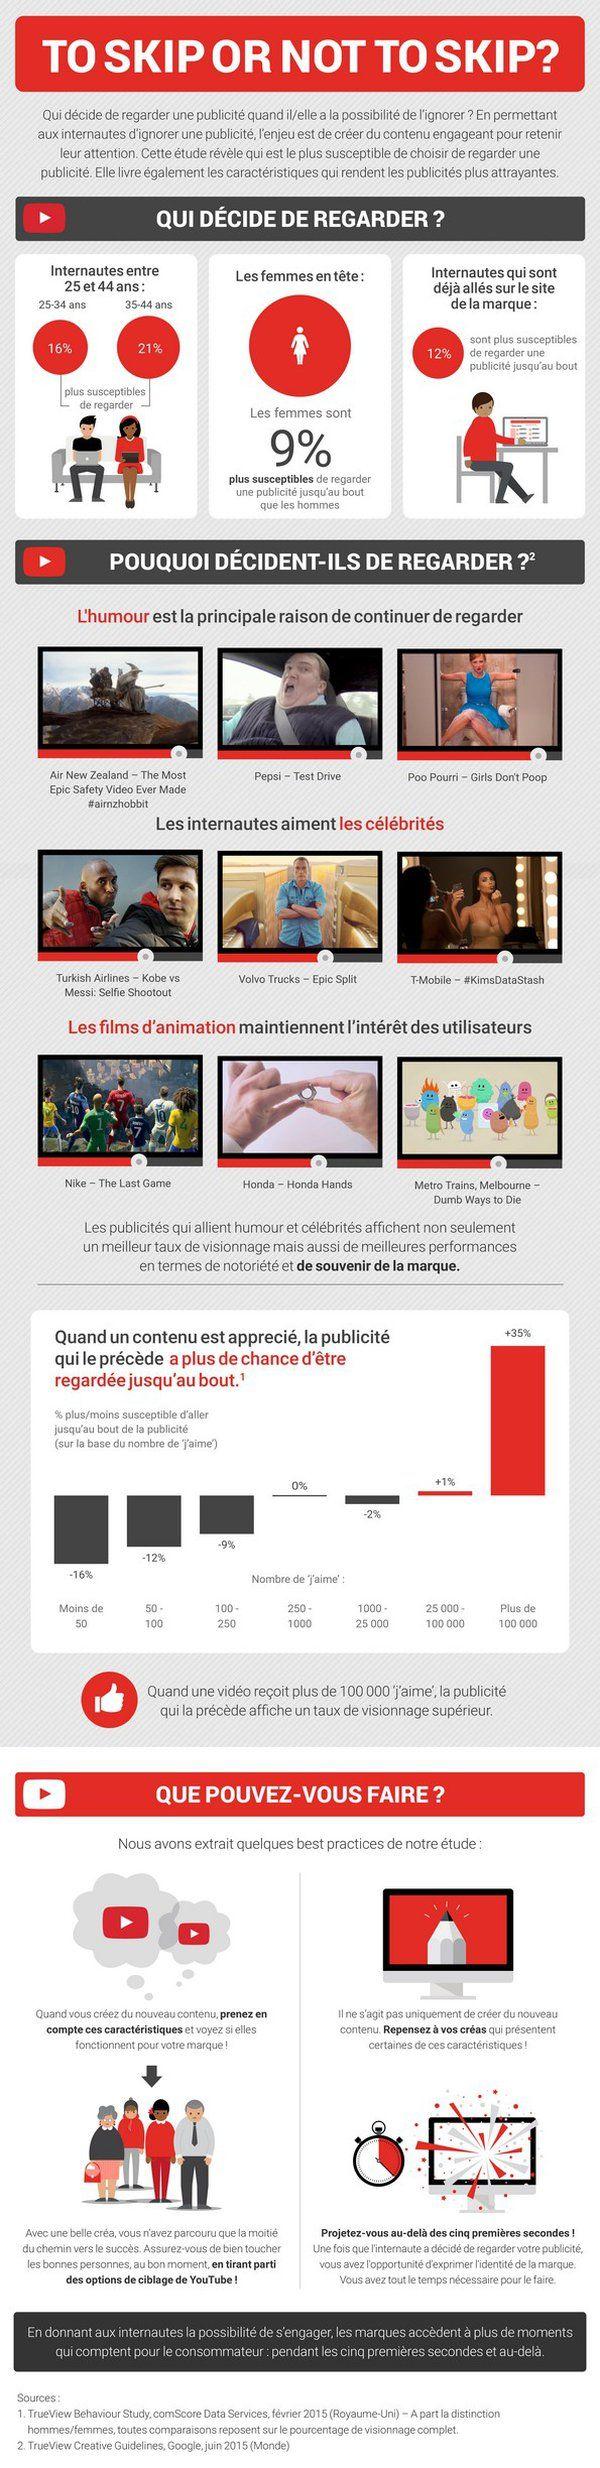 Les internautes de 35-44 ans et les femmes sont plus susceptibles que les autres à regarder jusqu'au bout des vidéos publicitaires sur Youtube.